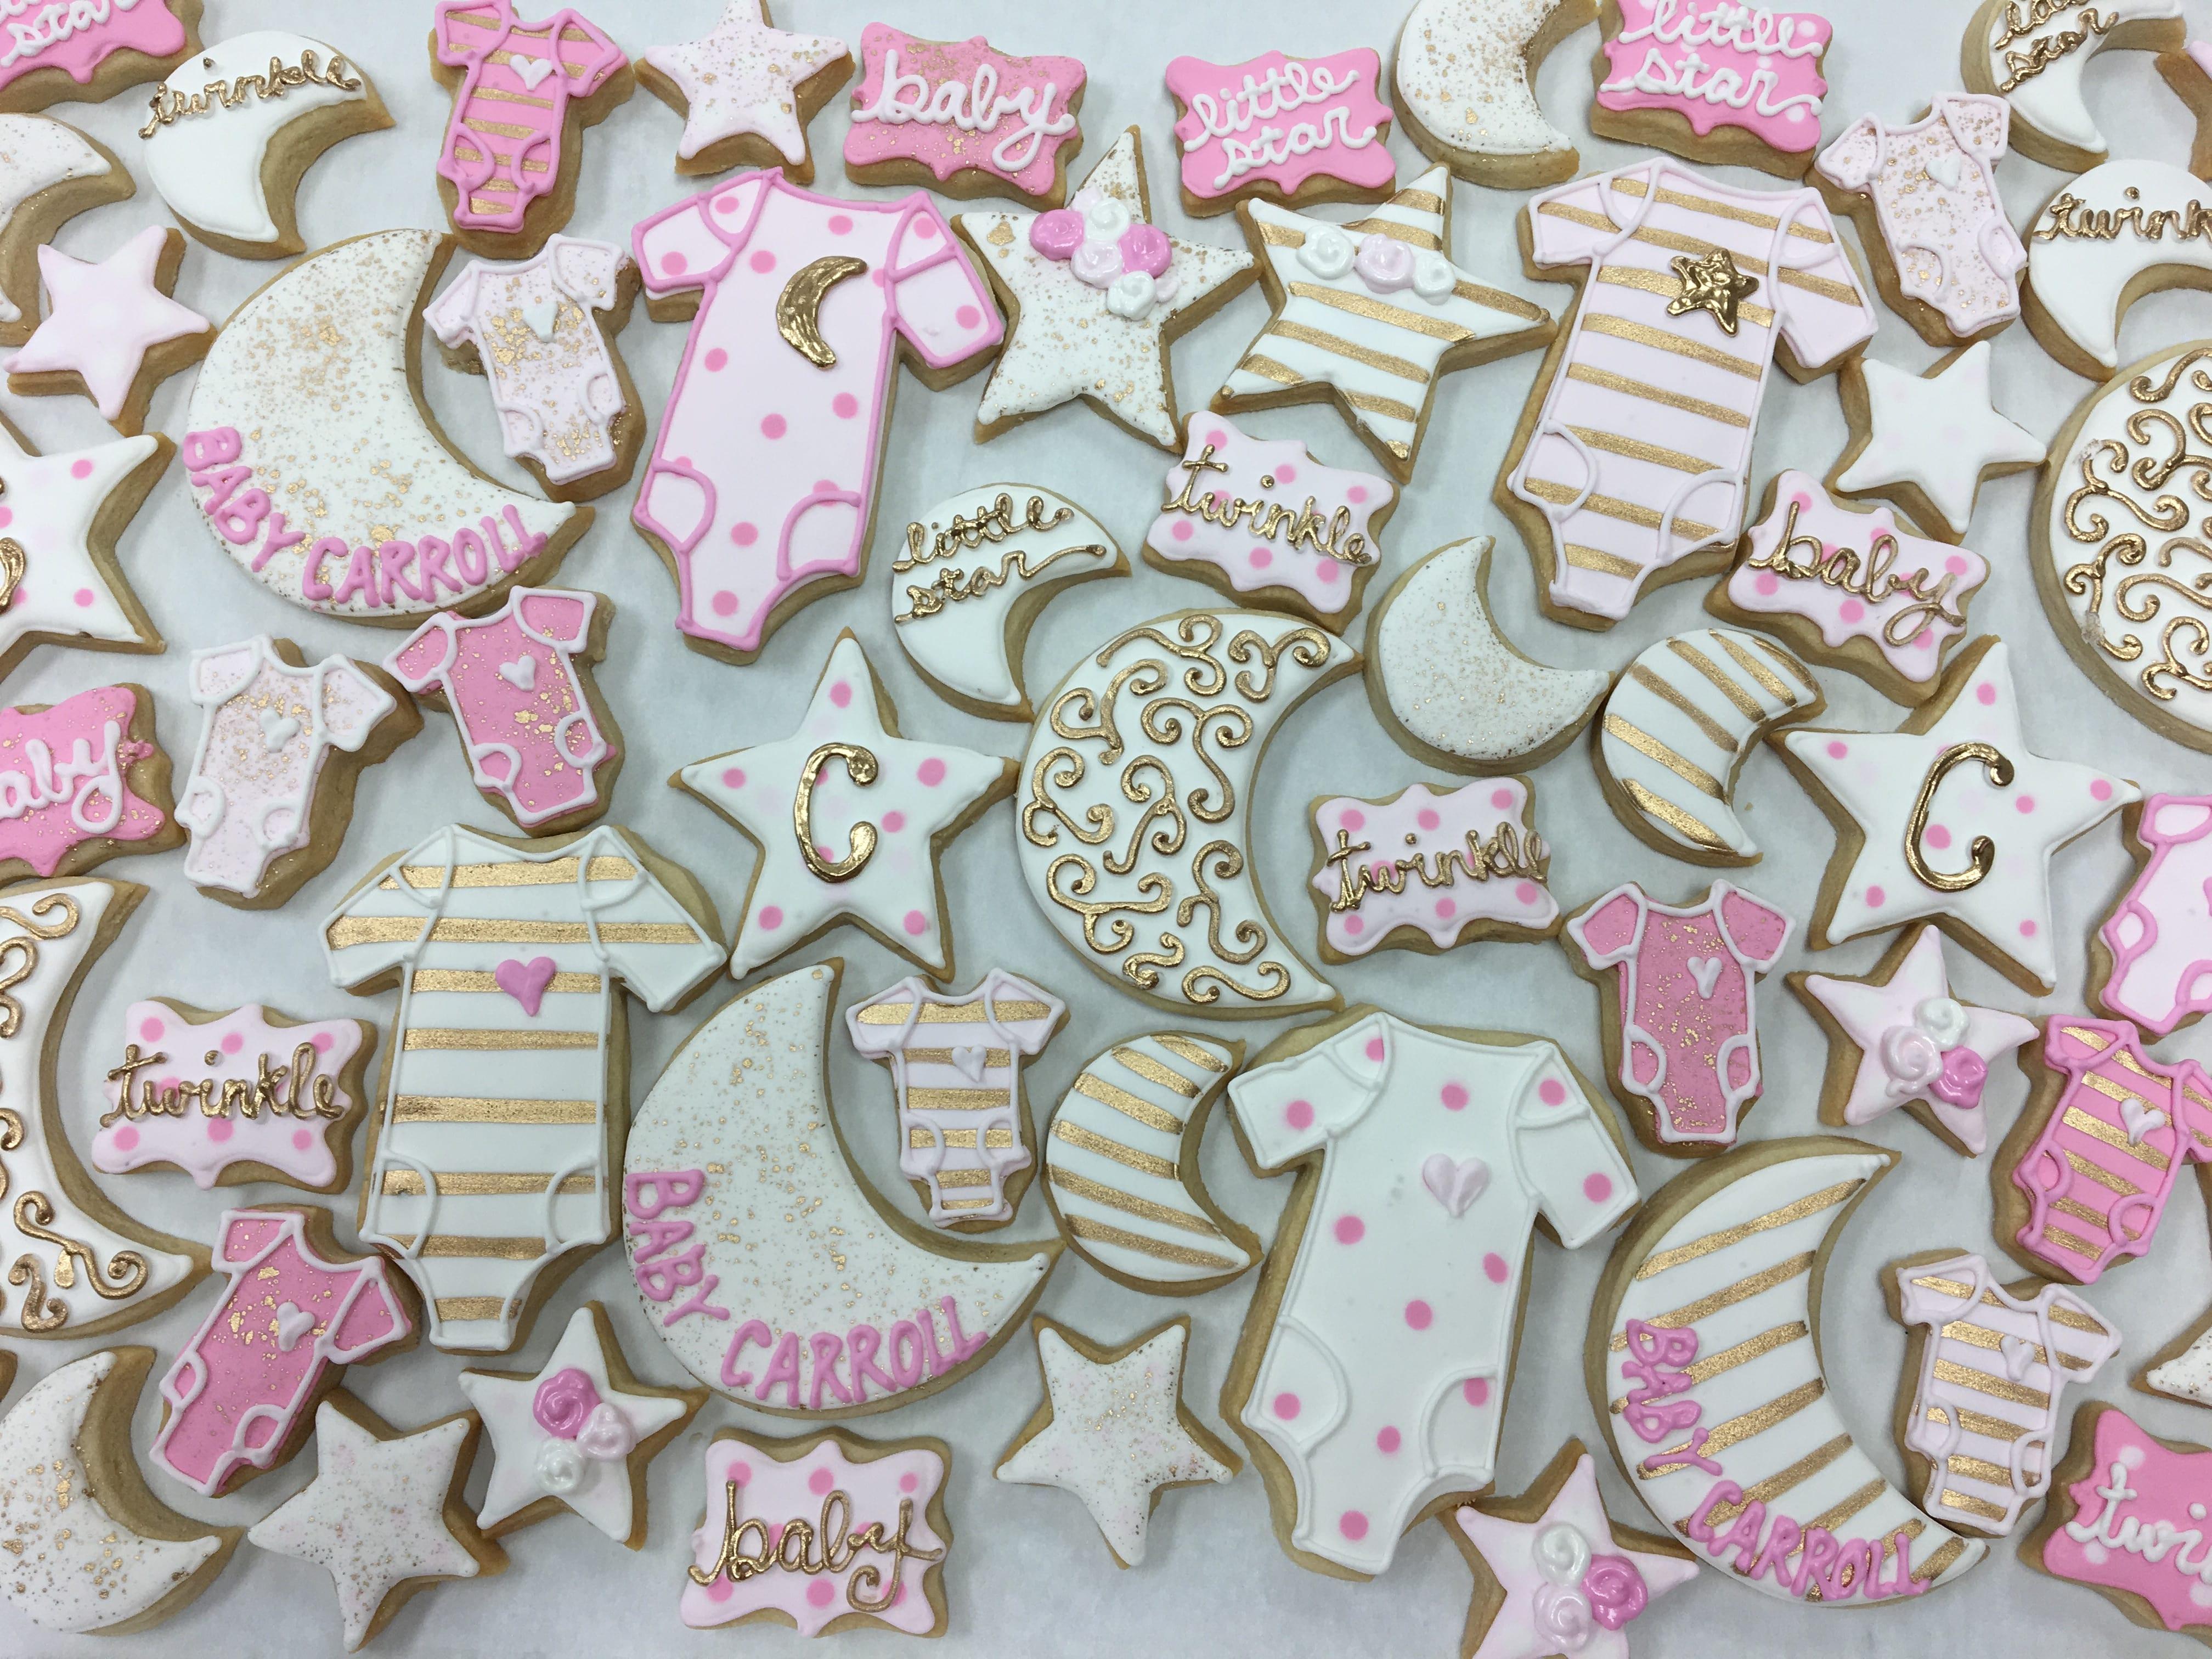 Twinkle Twinkle Little Star Baby Girl Shower Cookies | 3 Sweet Girls Cakery